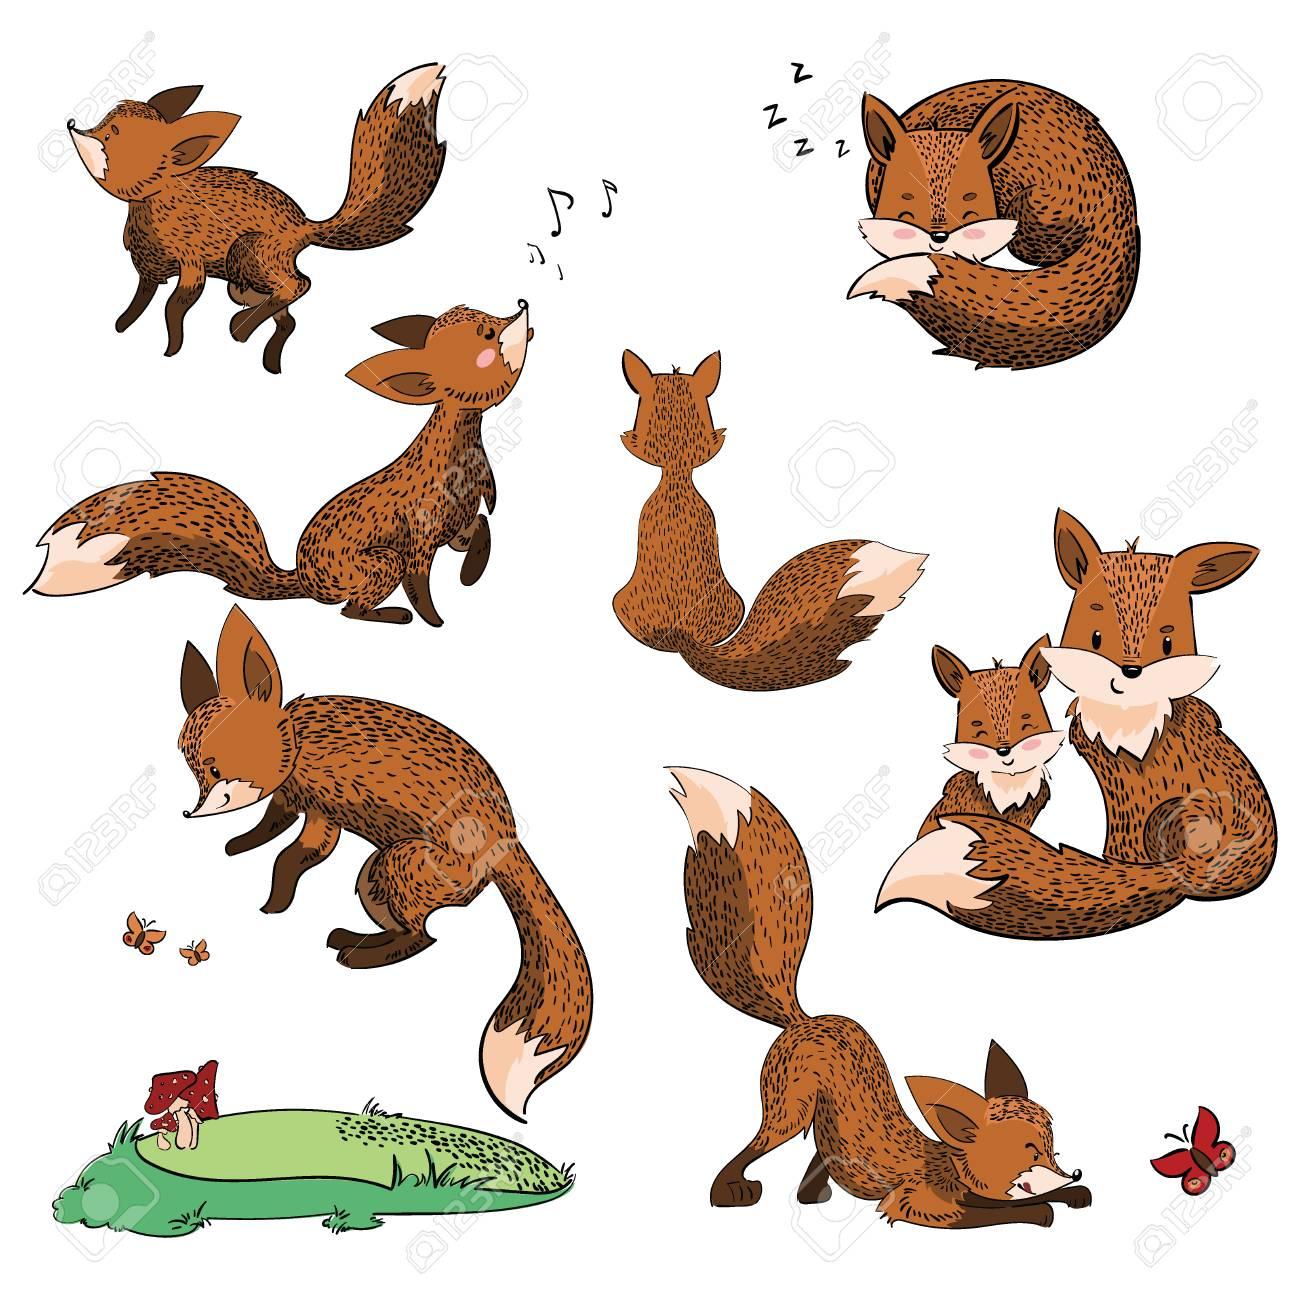 Conjunto De Dibujos Animados Zorros Colección De Zorros Lindos Ilustración Vectorial Para Niños Animales Salvajes